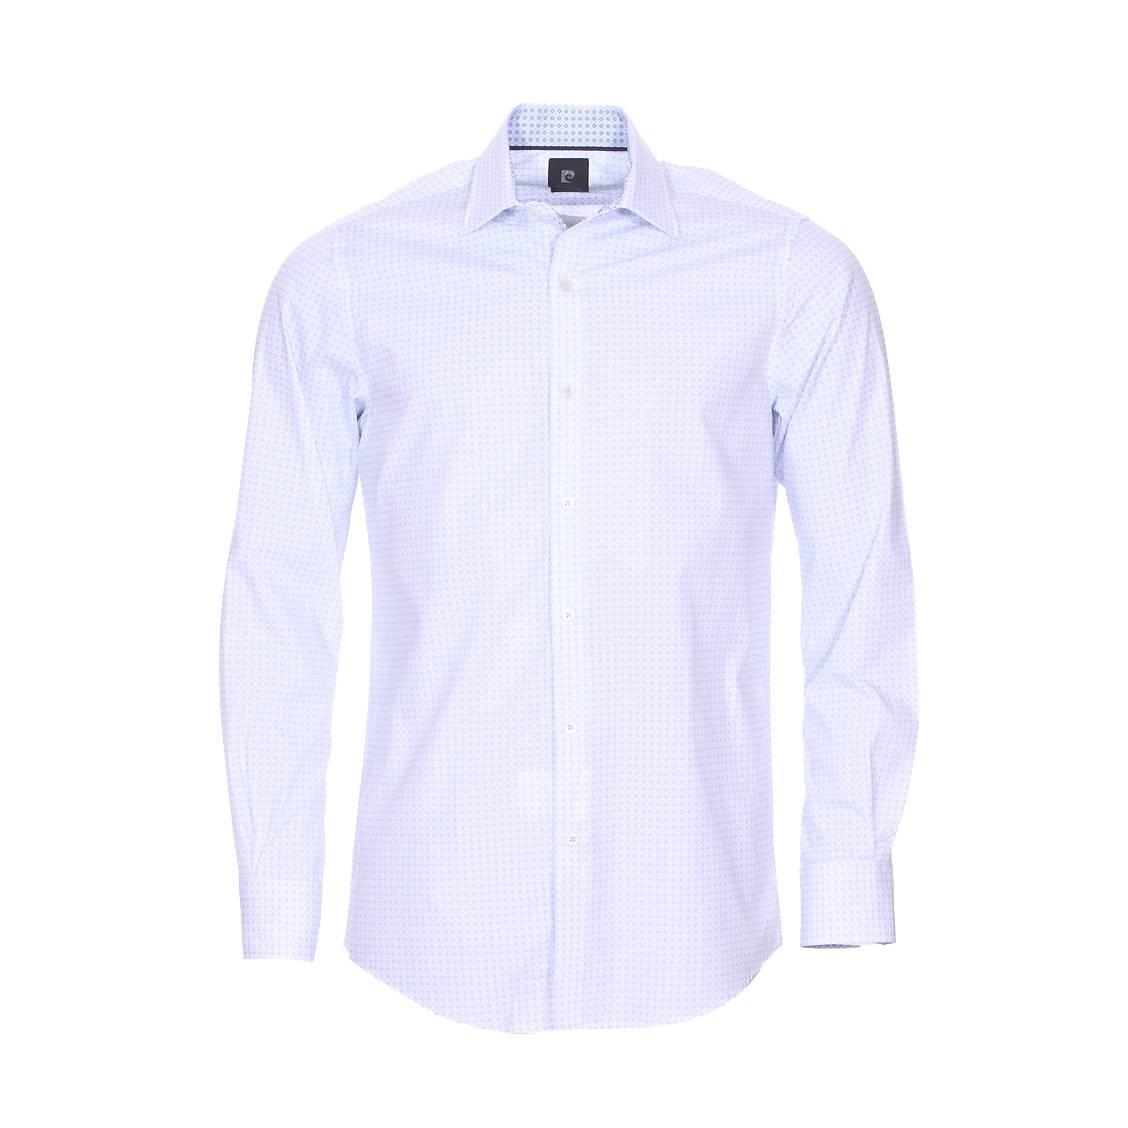 ac685b110b5c Chemise ajustée Pierre Cardin en coton blanc à motifs bleu ciel ...